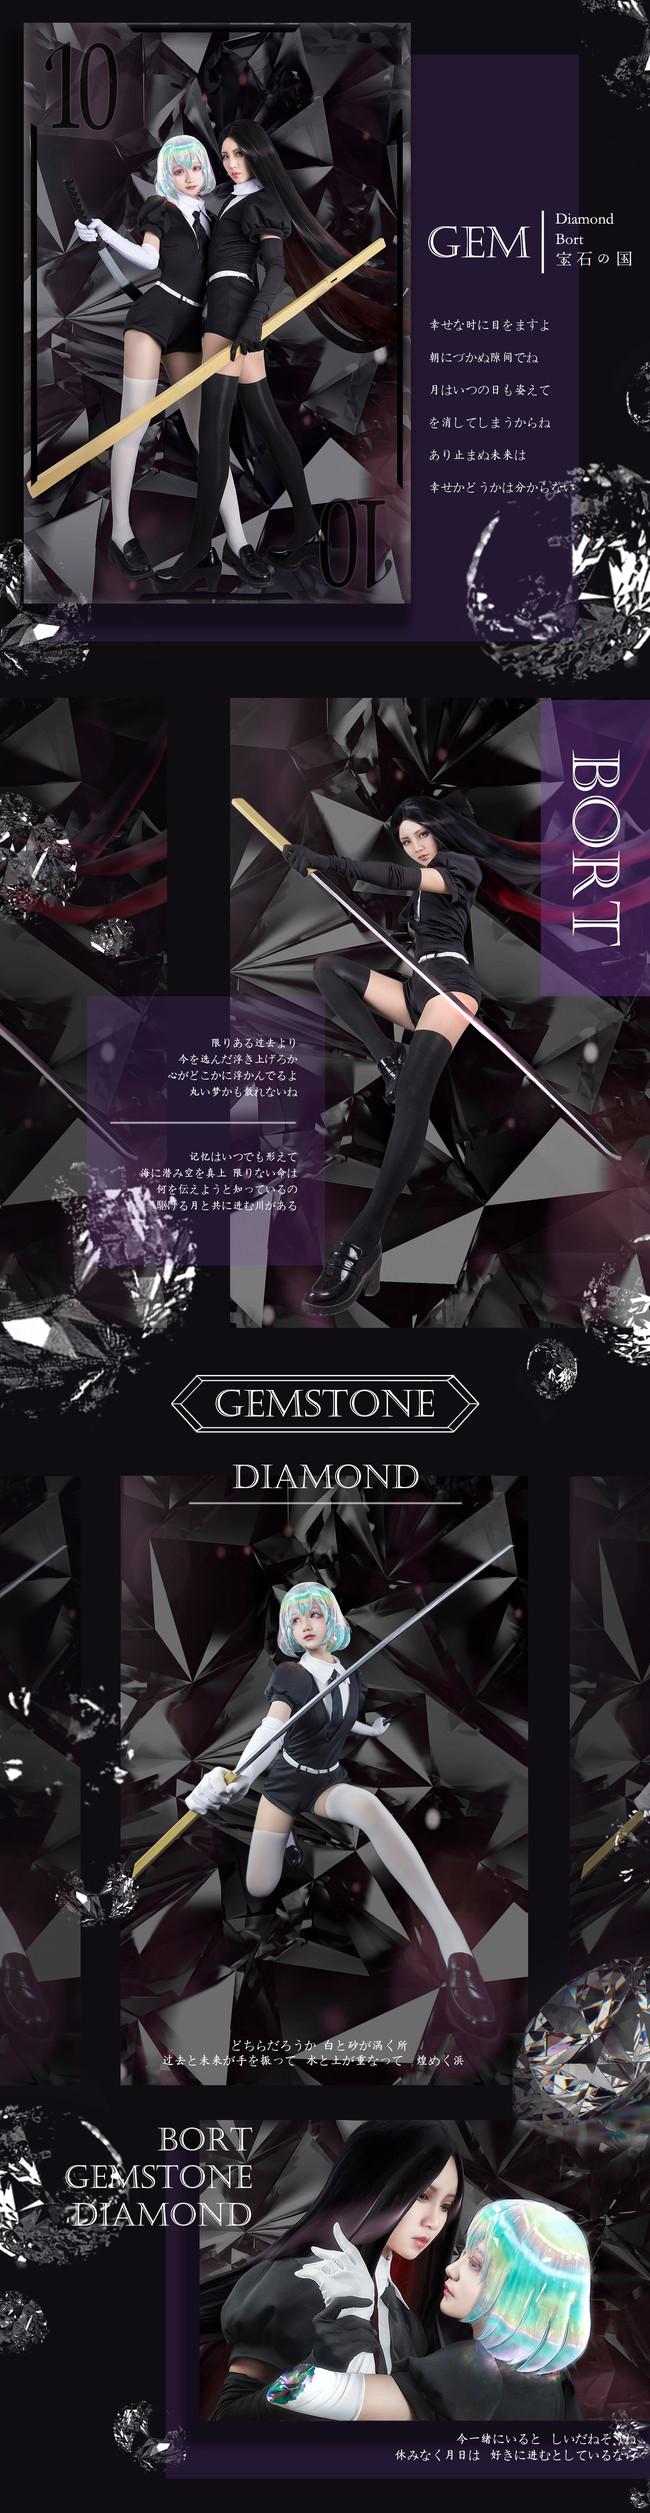 宝石之国cosplay,钻石cos,钻石组cos,cosplay图片